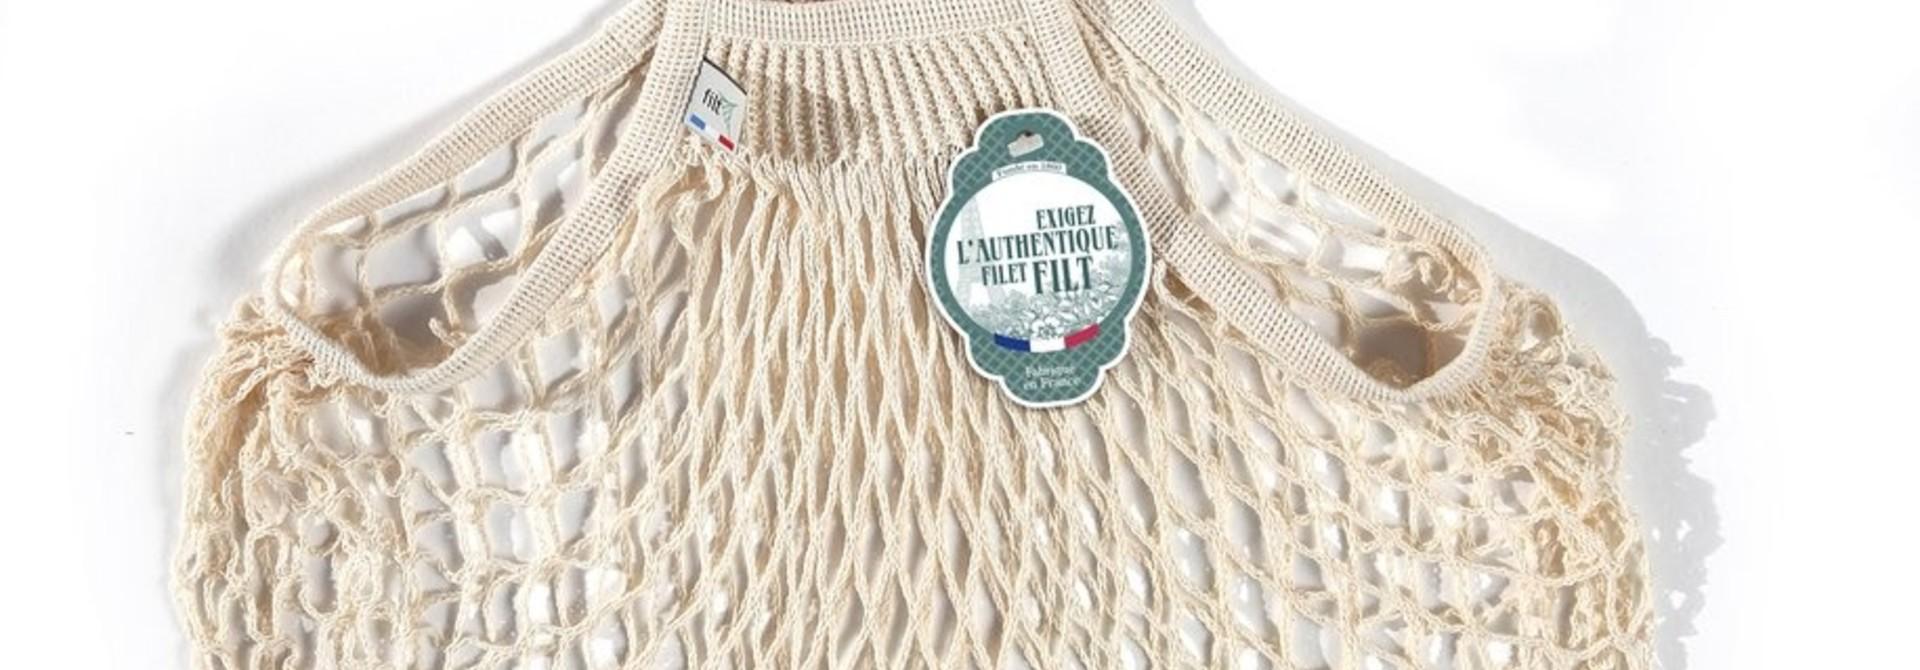 Filt Woven Cotton Bag - Cream